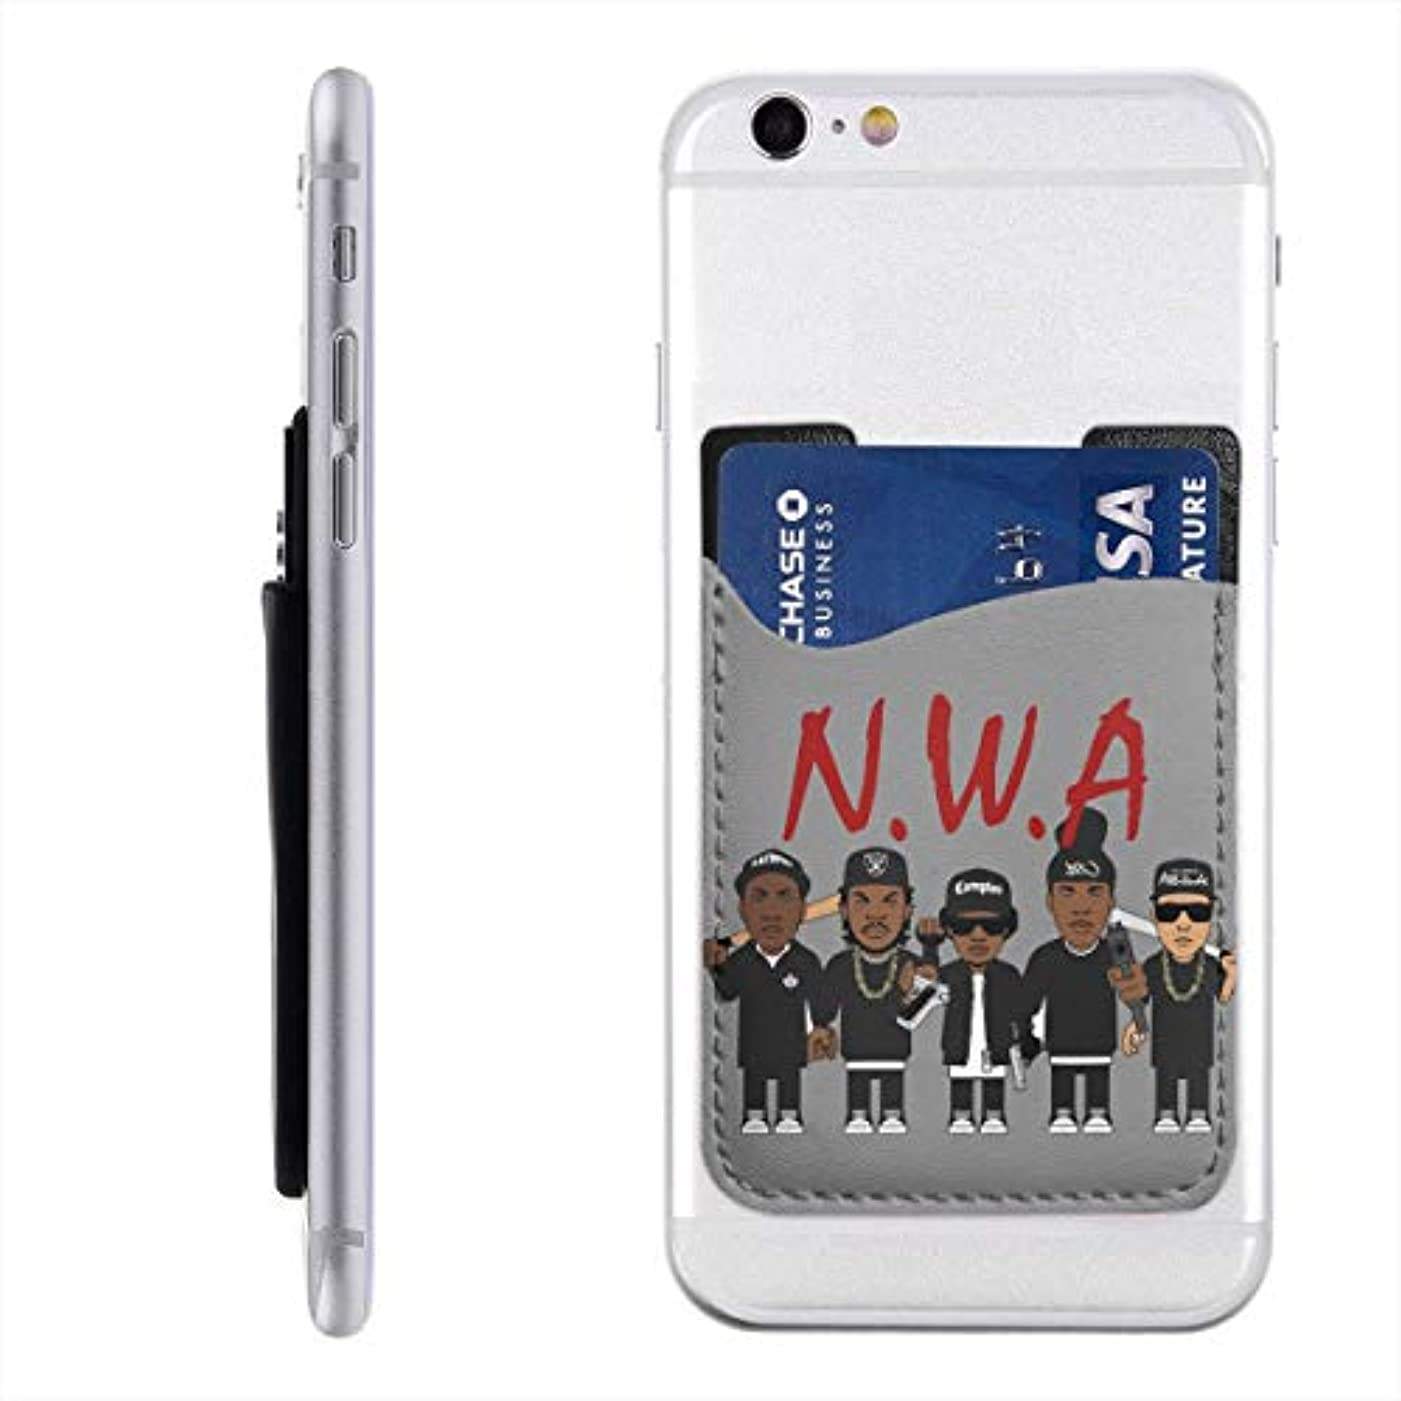 理論ローラー十億NWA オリジナル エヌ ダブリュ エー ヒップホップ グループ スマートフォン ポケット 背面 薄型 便利 背面カードホルダー 名刺入れ スマホケース カード収納 全機種対応